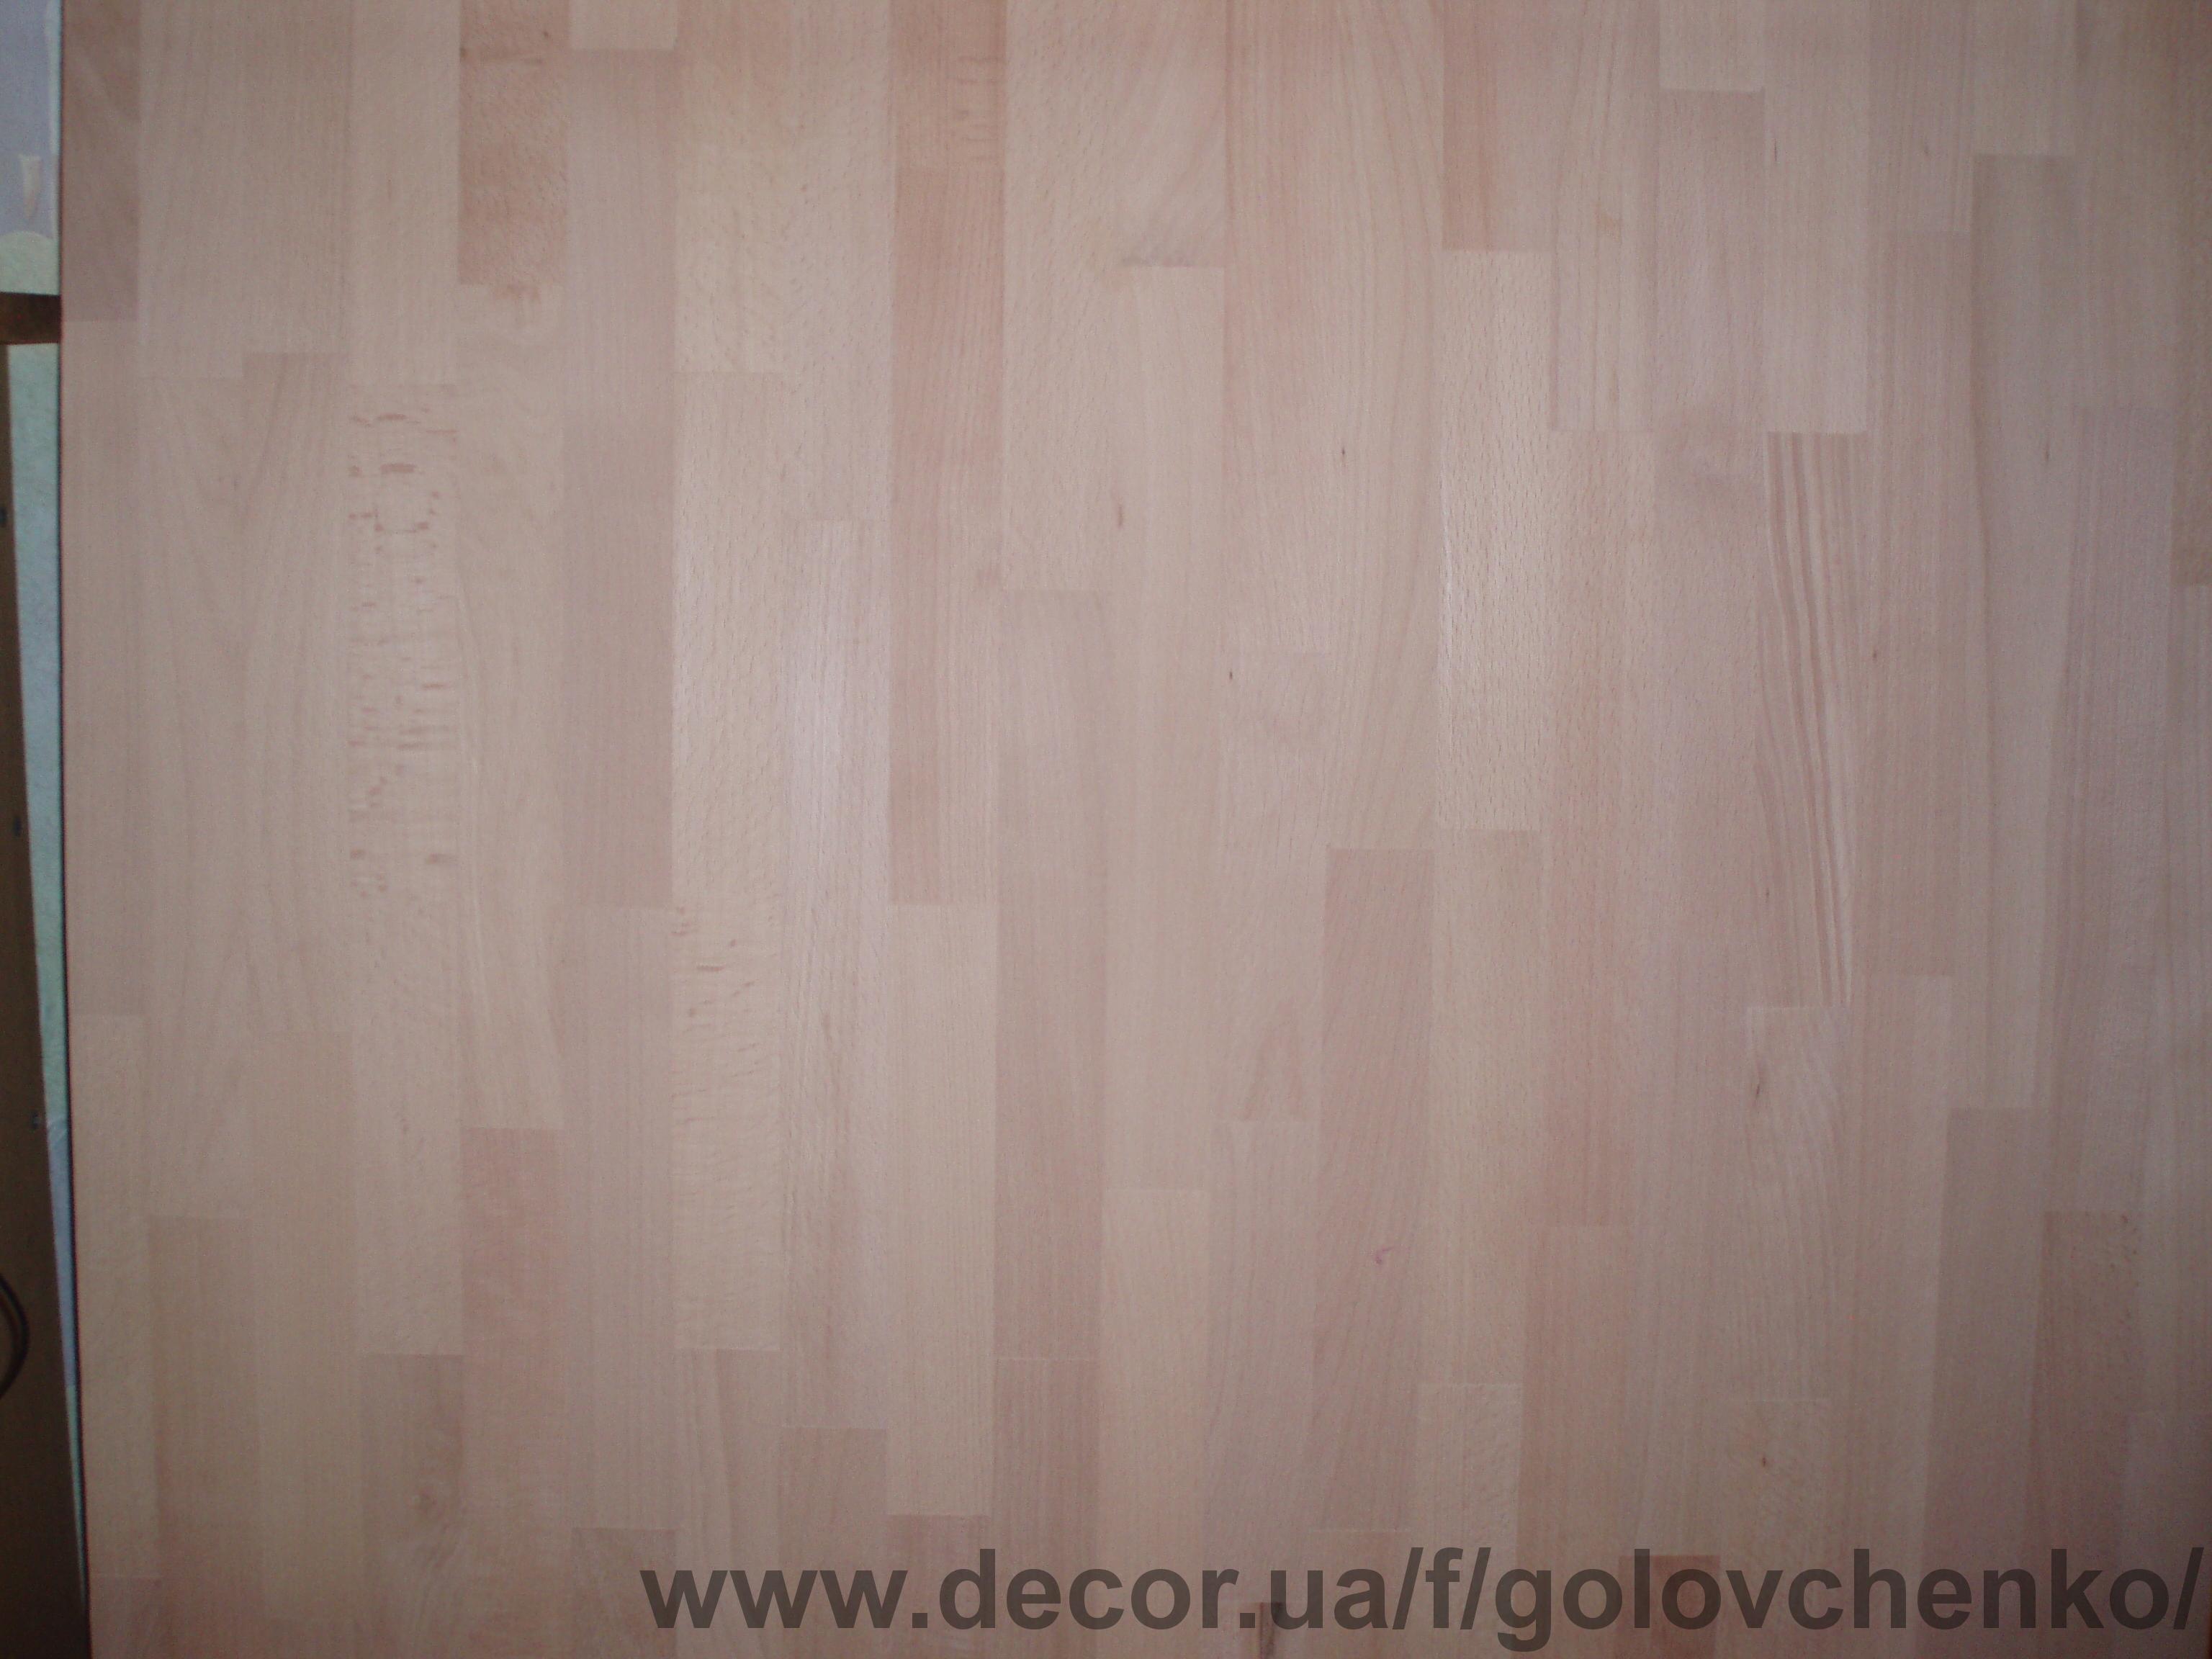 Мебельный щит цена, купить мебельный щит в Минске